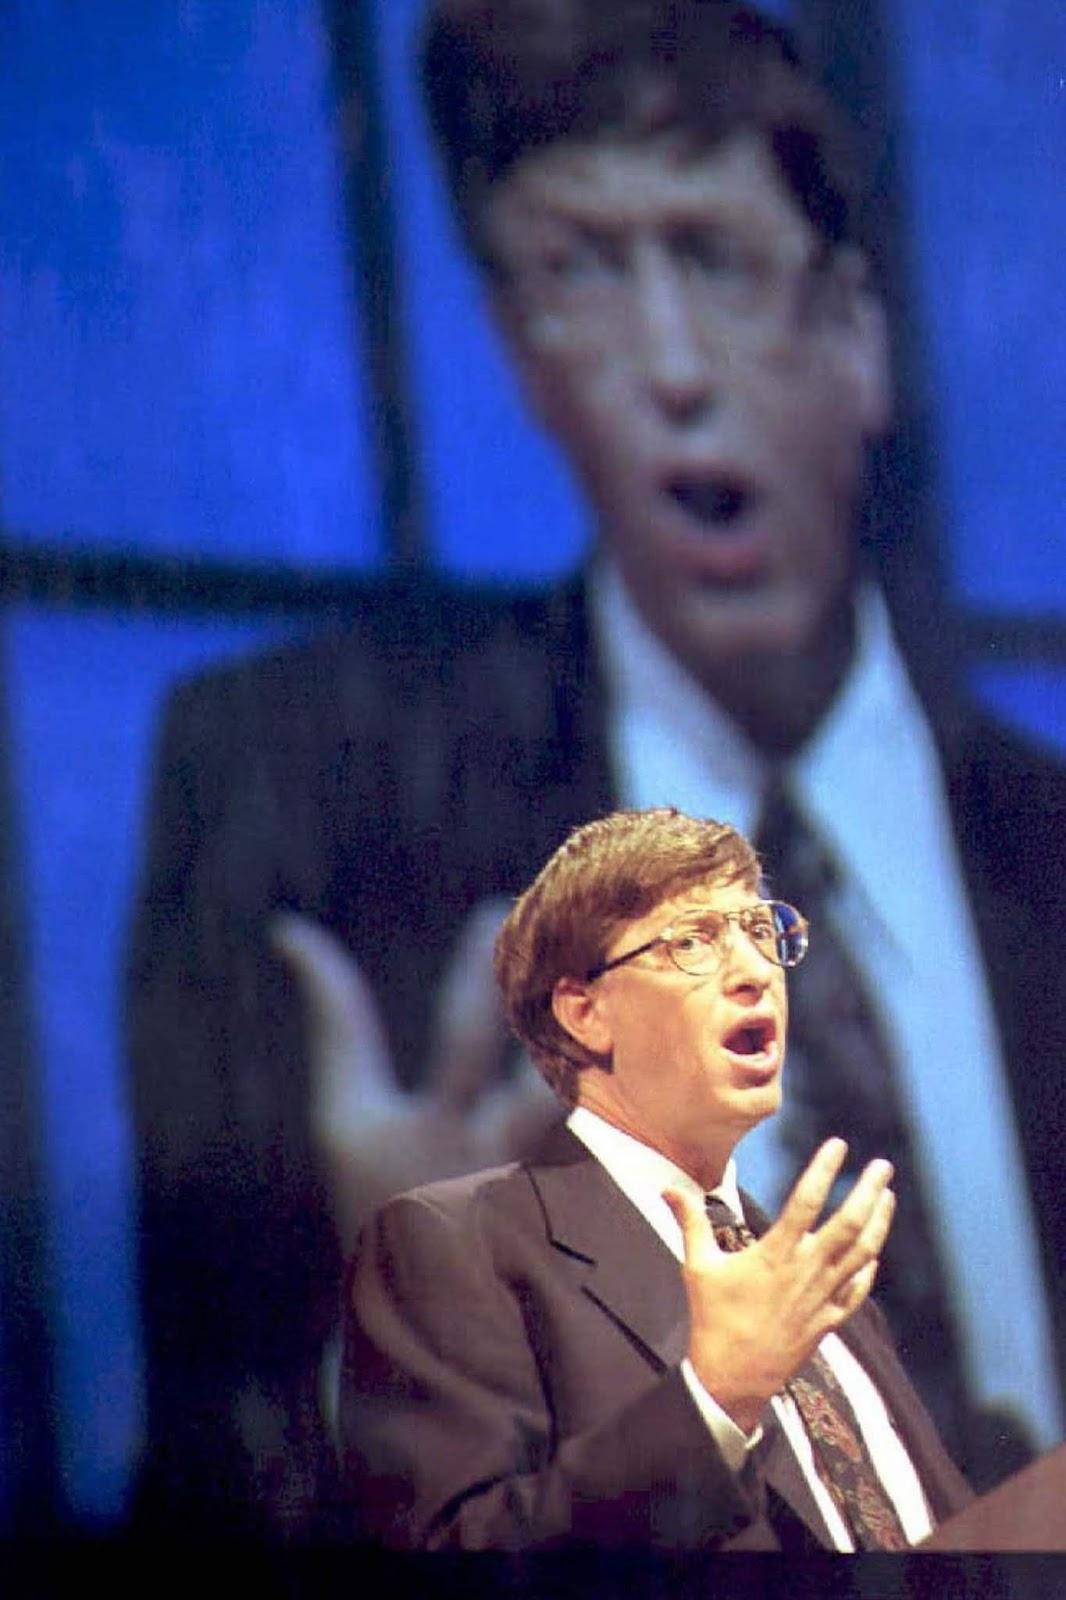 <p>Бил Гейтс обявява датата на стартирането на продажбите на Windows 95 в Атланта, Джорджия.</p>